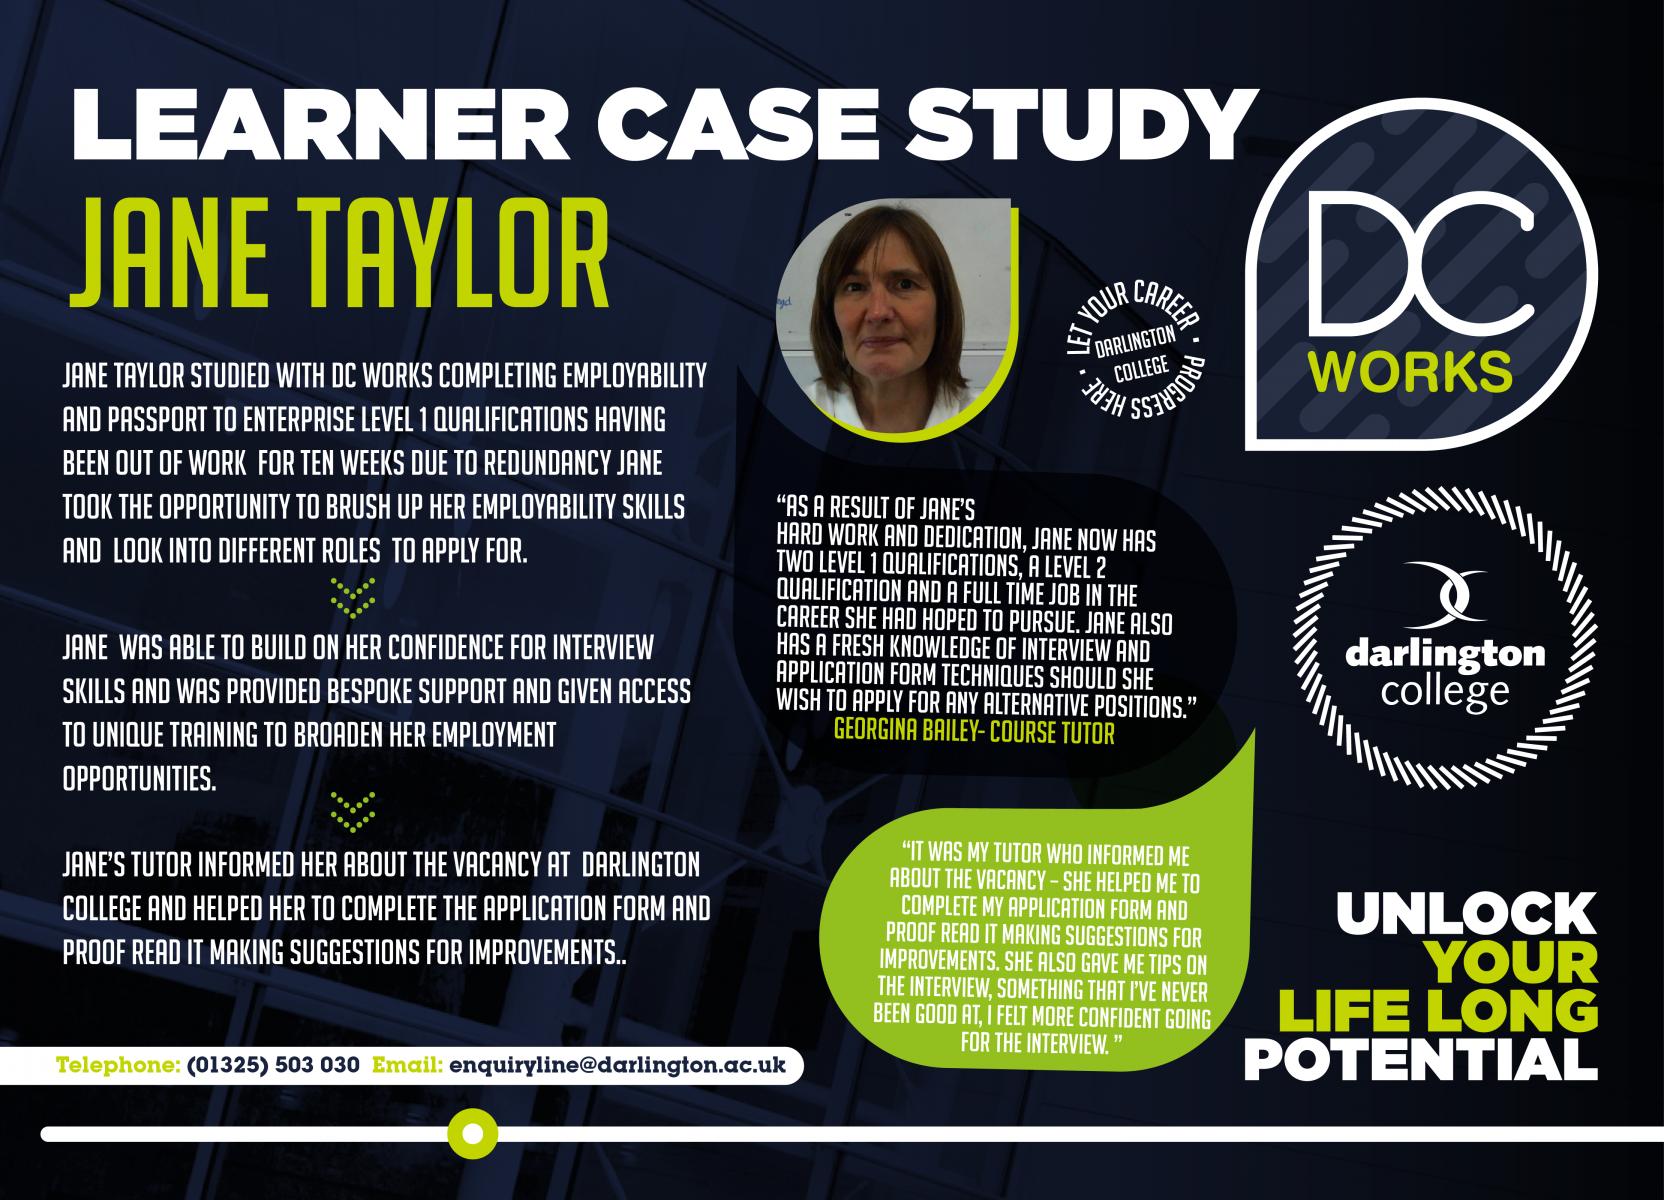 Jane-Taylor-Case-Study-01